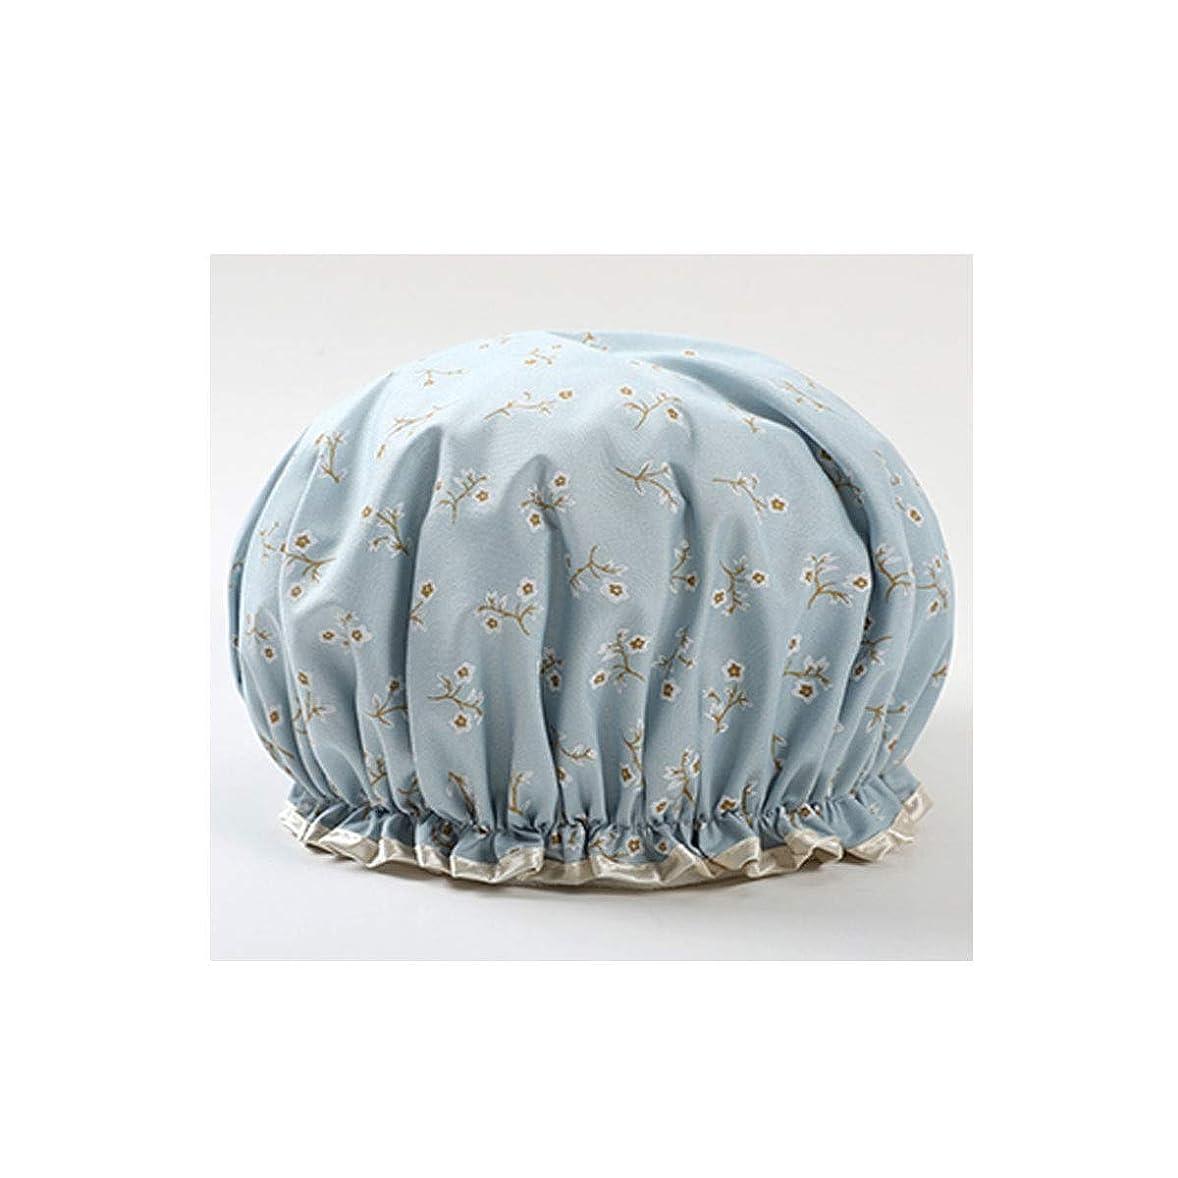 無駄連続した不完全HENGTONGTONGXUN シャワーキャップ、防水シャワーキャップ、大人用シャワーキャップ、シャンプーキャップ、かわいいスカーフ、キッチンレディーススカーフ、三仕様 (Color : C blue)